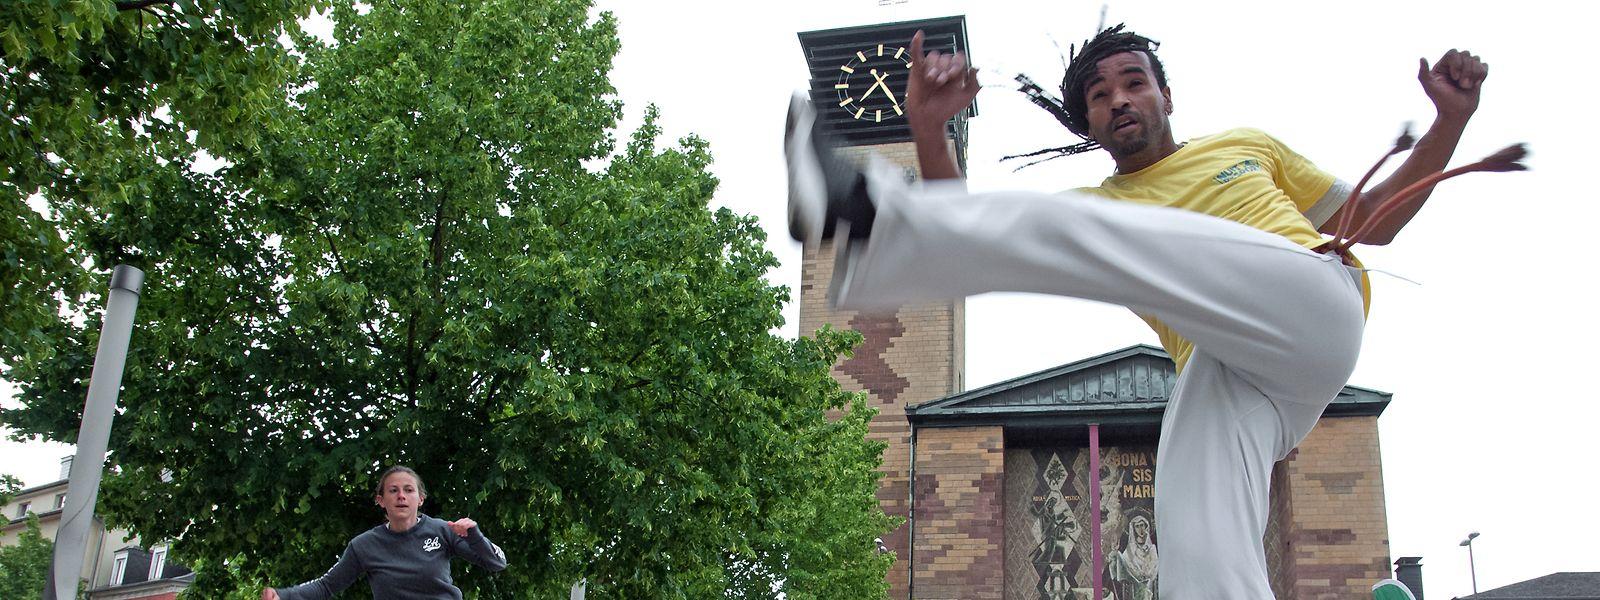 Capoeira in Bonneweg.